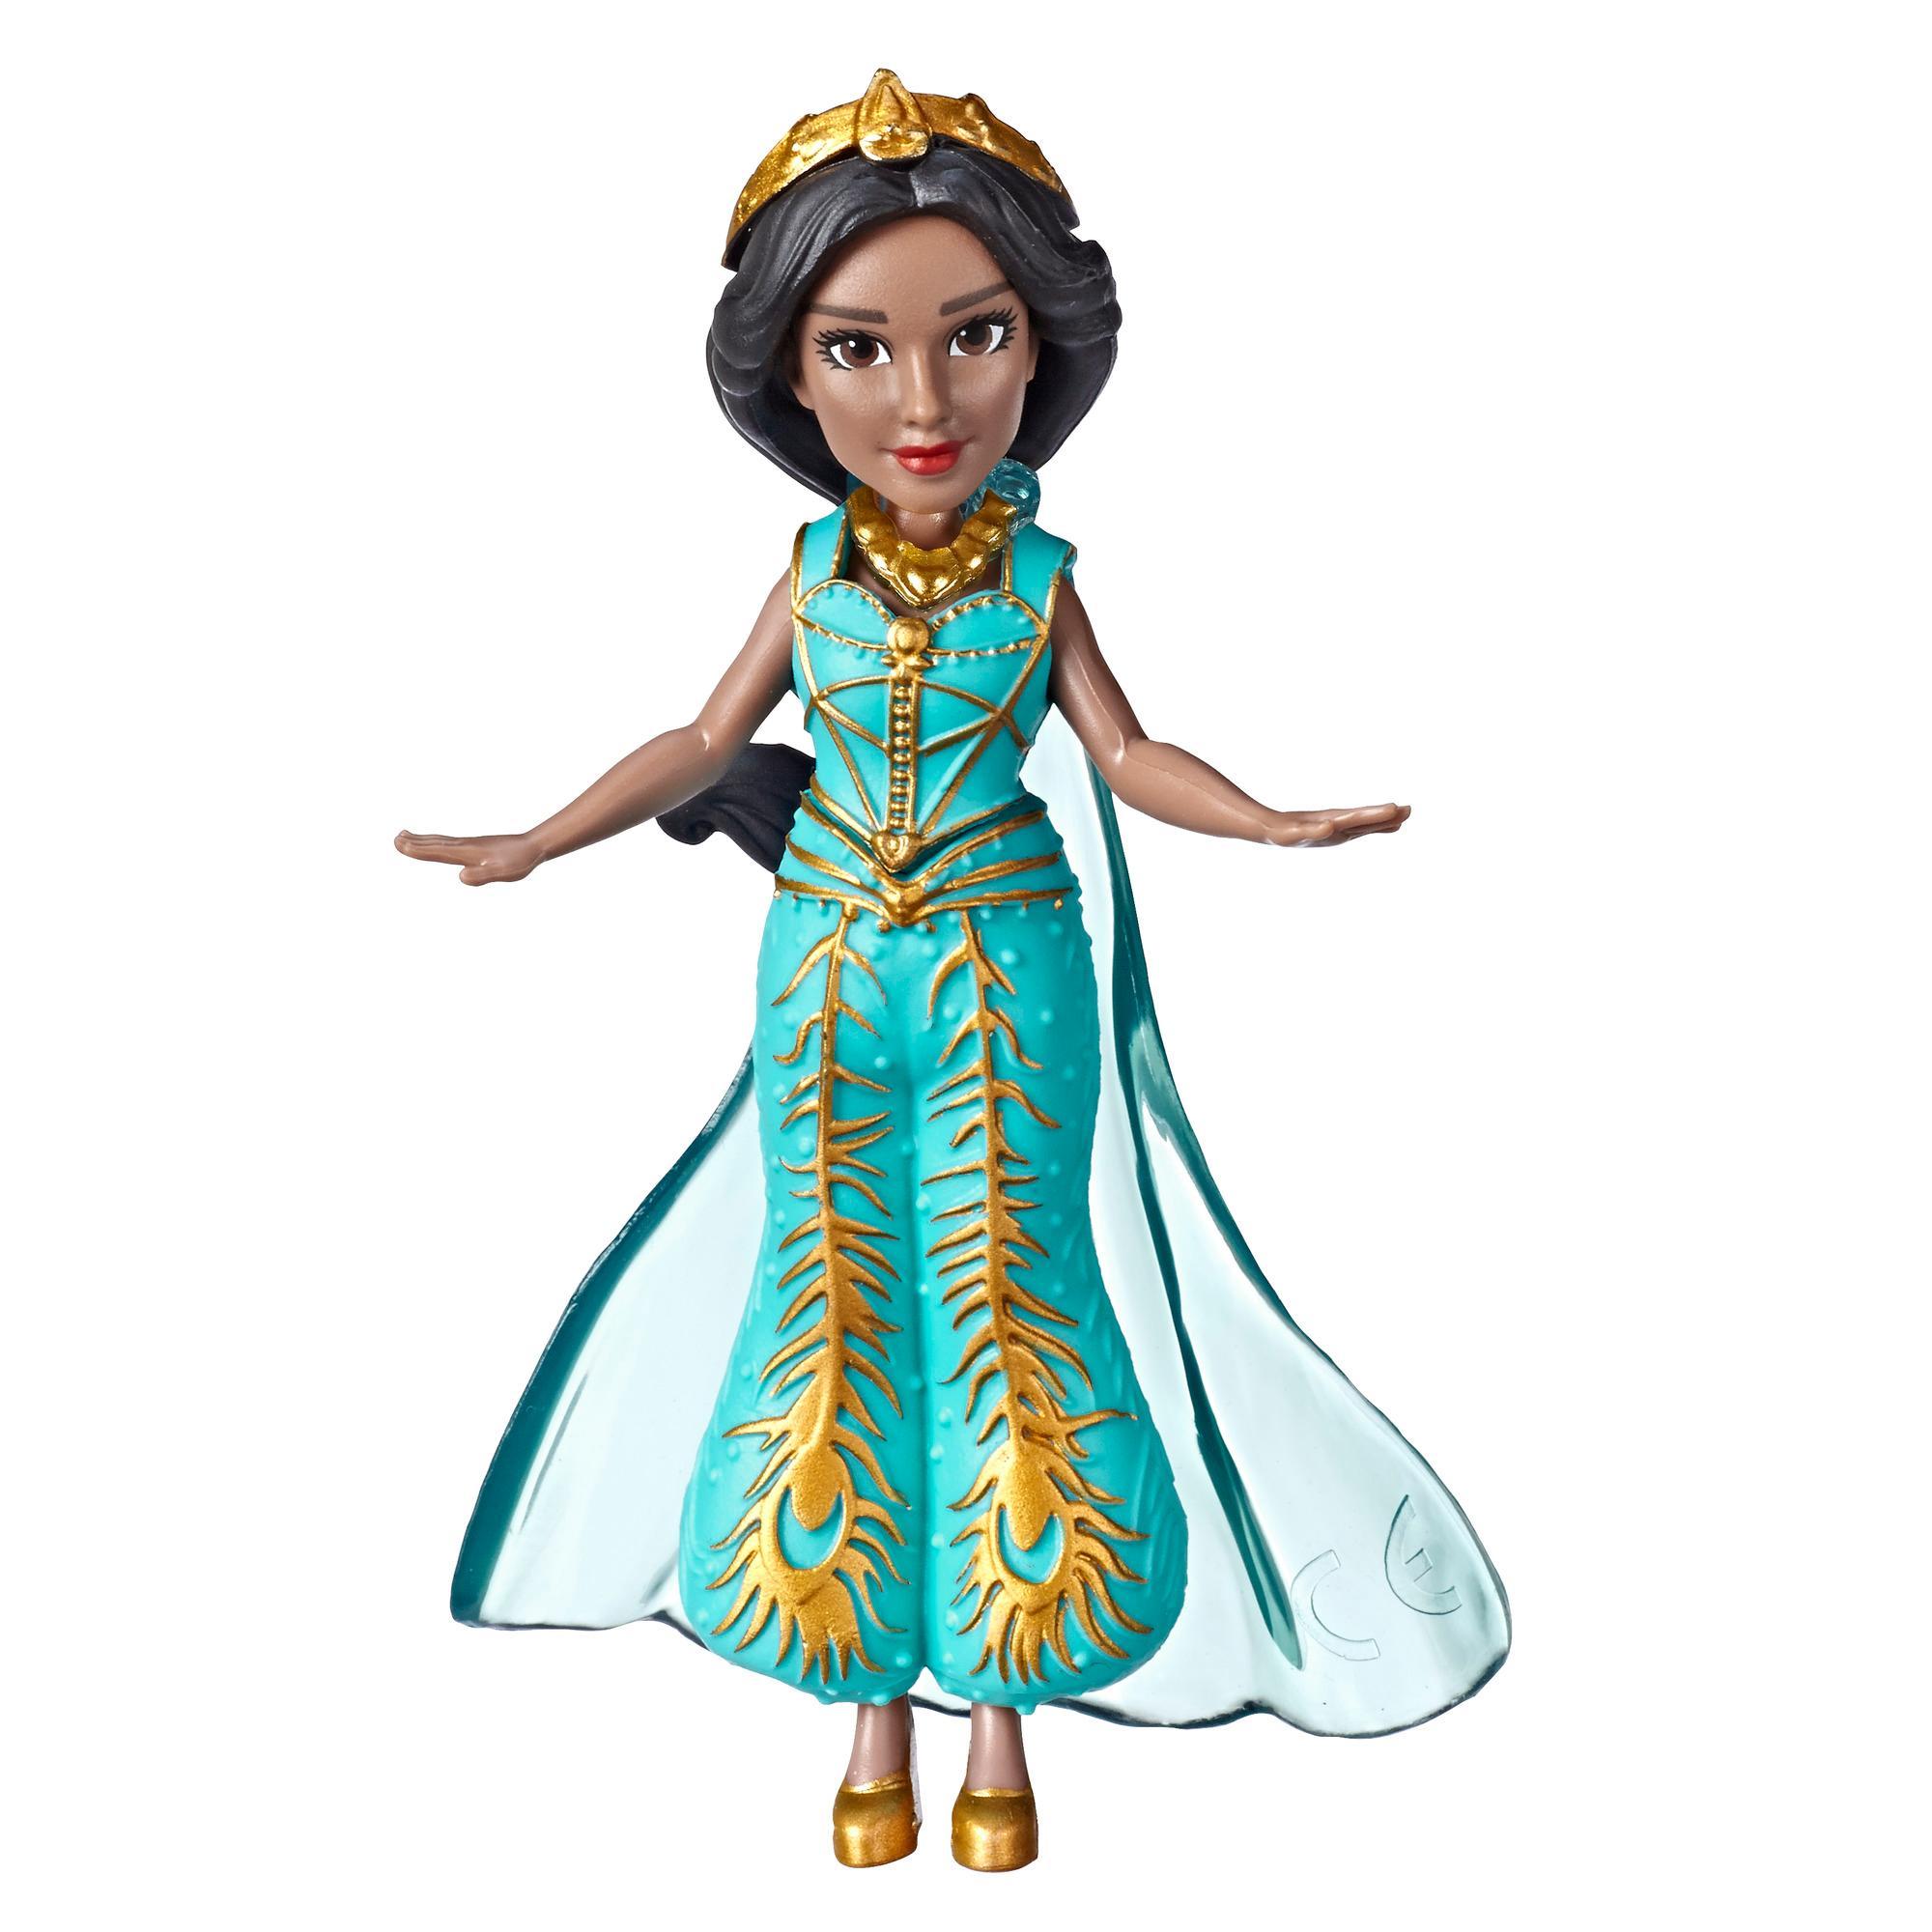 Disney - Poupée de collection de la princesse Jasmine. Petite poupée de 8,5 cm vêtue d'une robe turquoise inspirée du film Aladdin de Disney, jouet pour enfants de 3 ans et plus